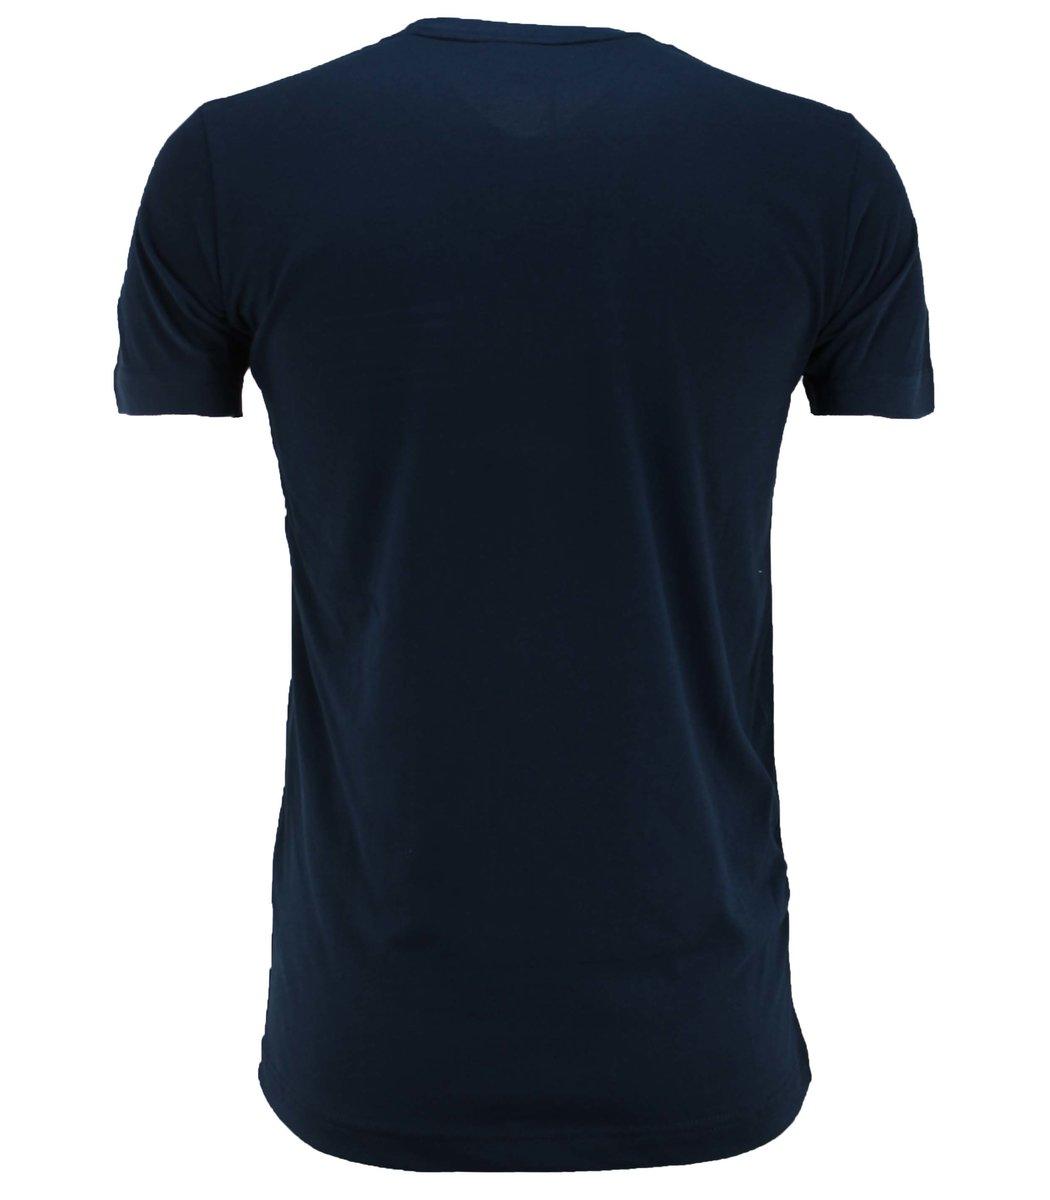 Тёмно-синяя футболка Tommy Hilfiger с вышивкой FT2